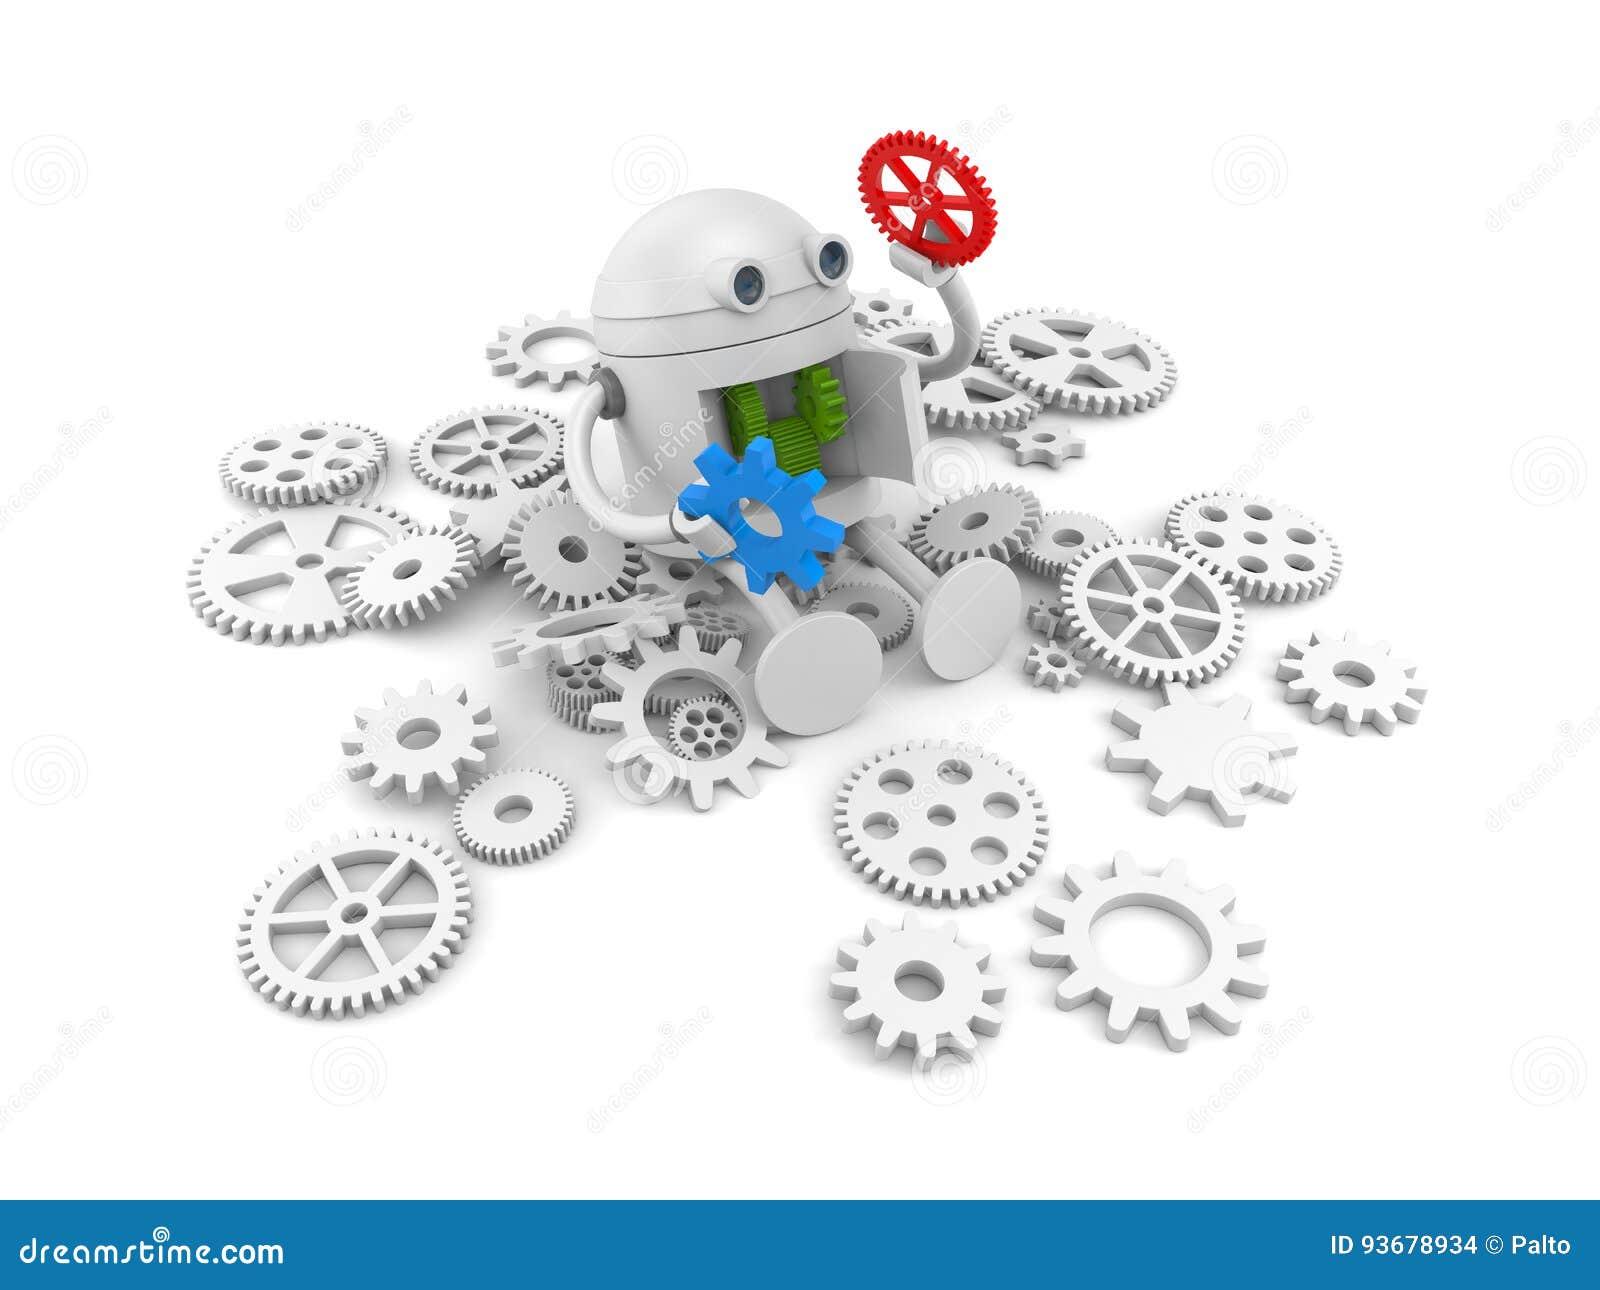 Робот с деталями своего механизма Для ваших проектов вебсайта